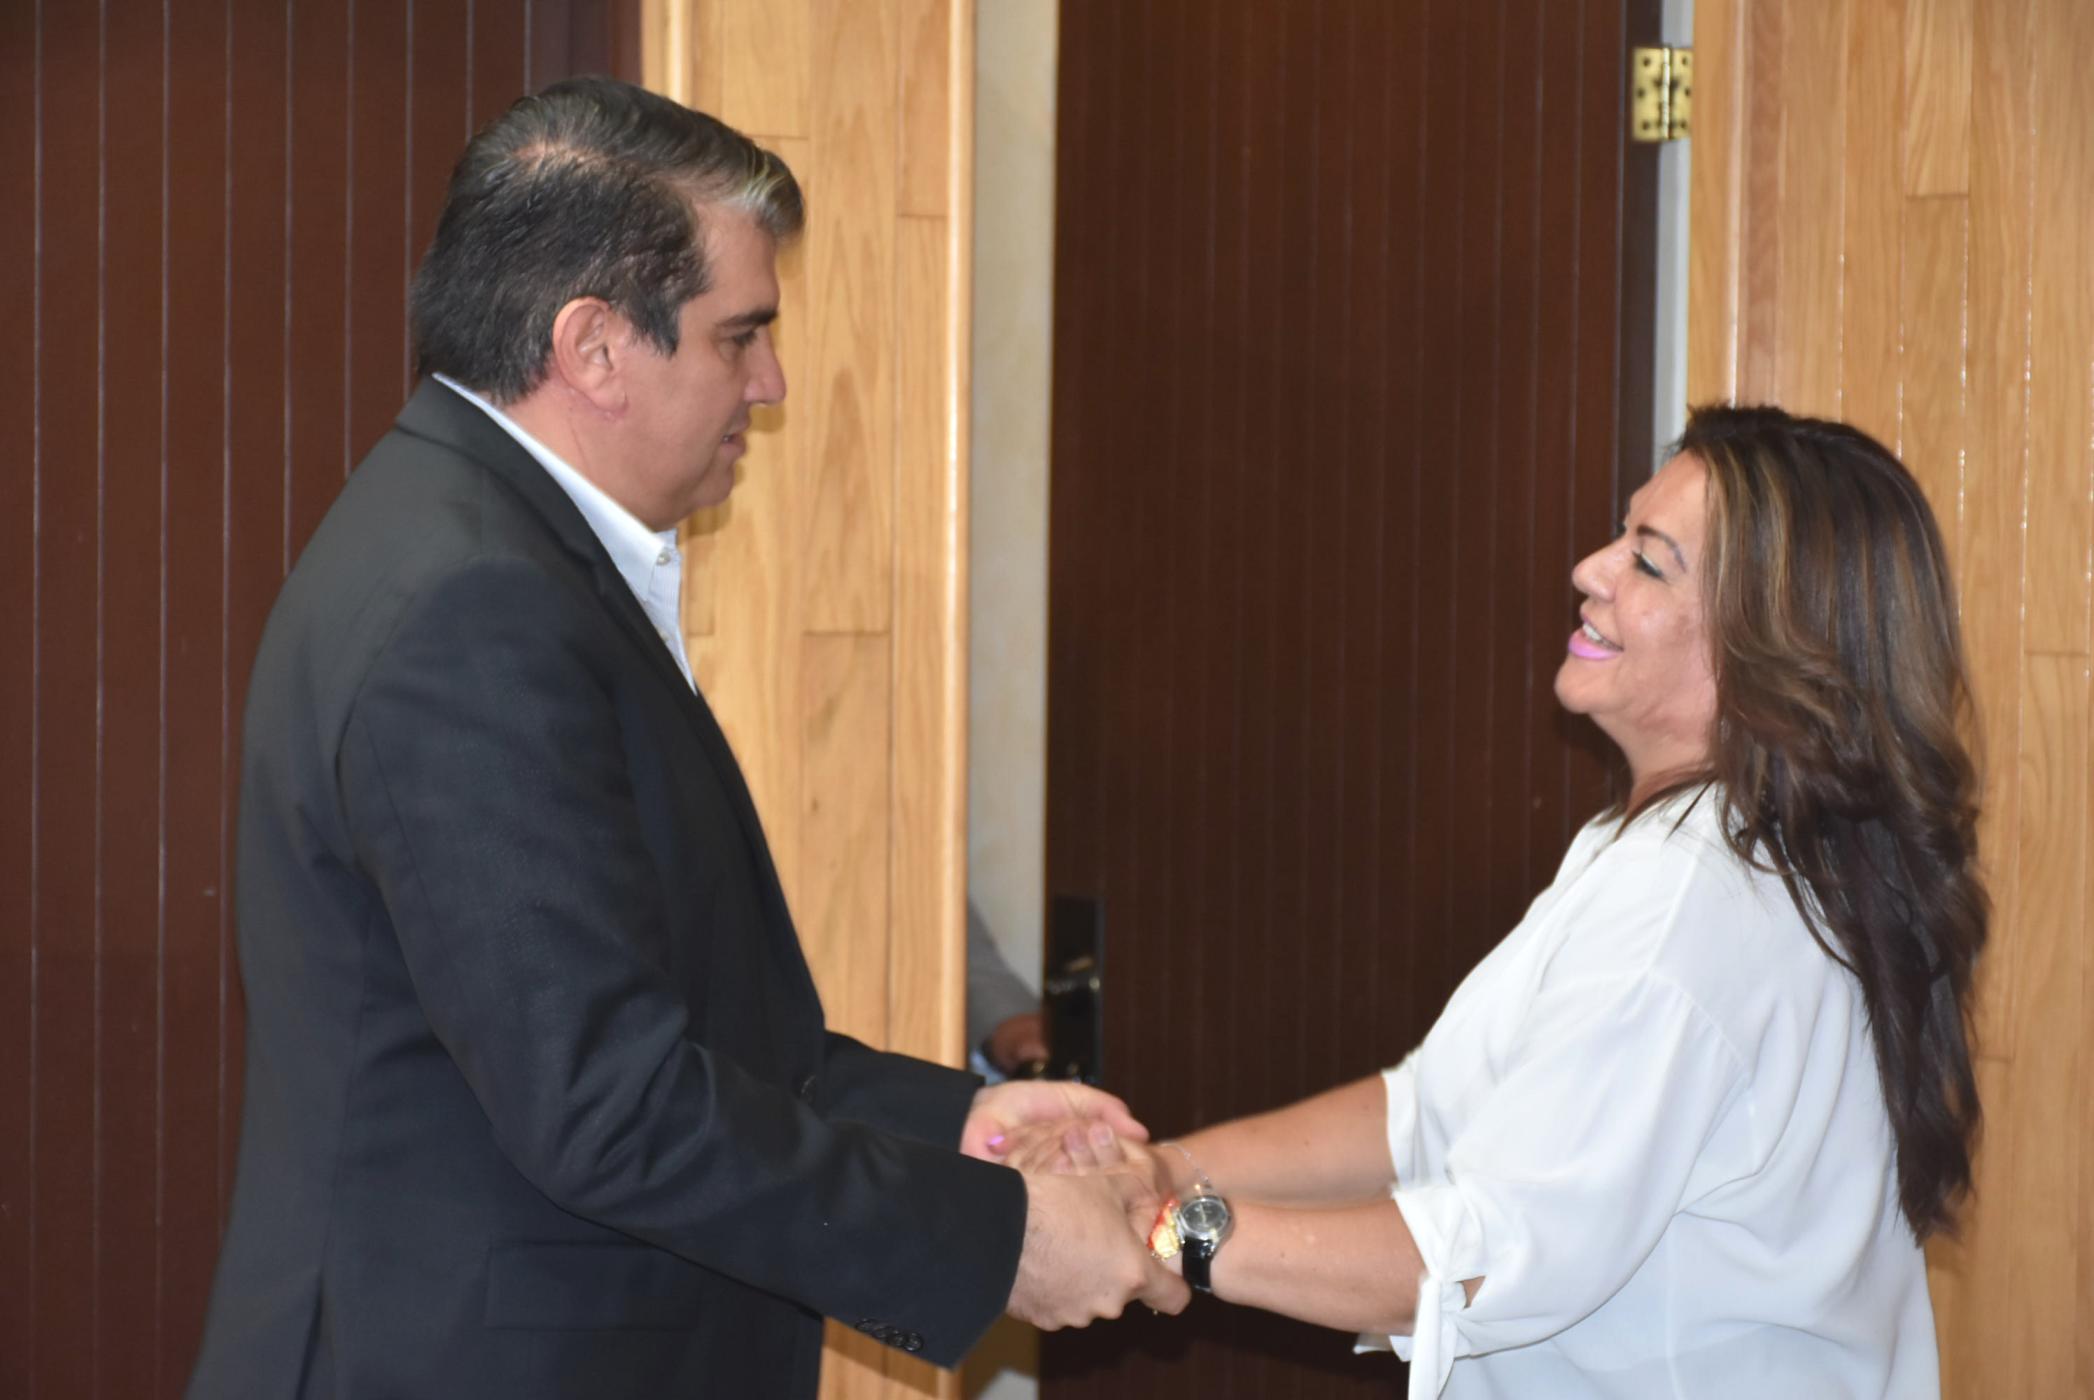 PÁG. 2 (2). El ex alcalde de Gómez Palacio, José Miguel Campillo Carrete, y la actual alcaldesa Juana Leticia Herrera Ale, sucias componendas para apoderarse del patrimonio del pueb